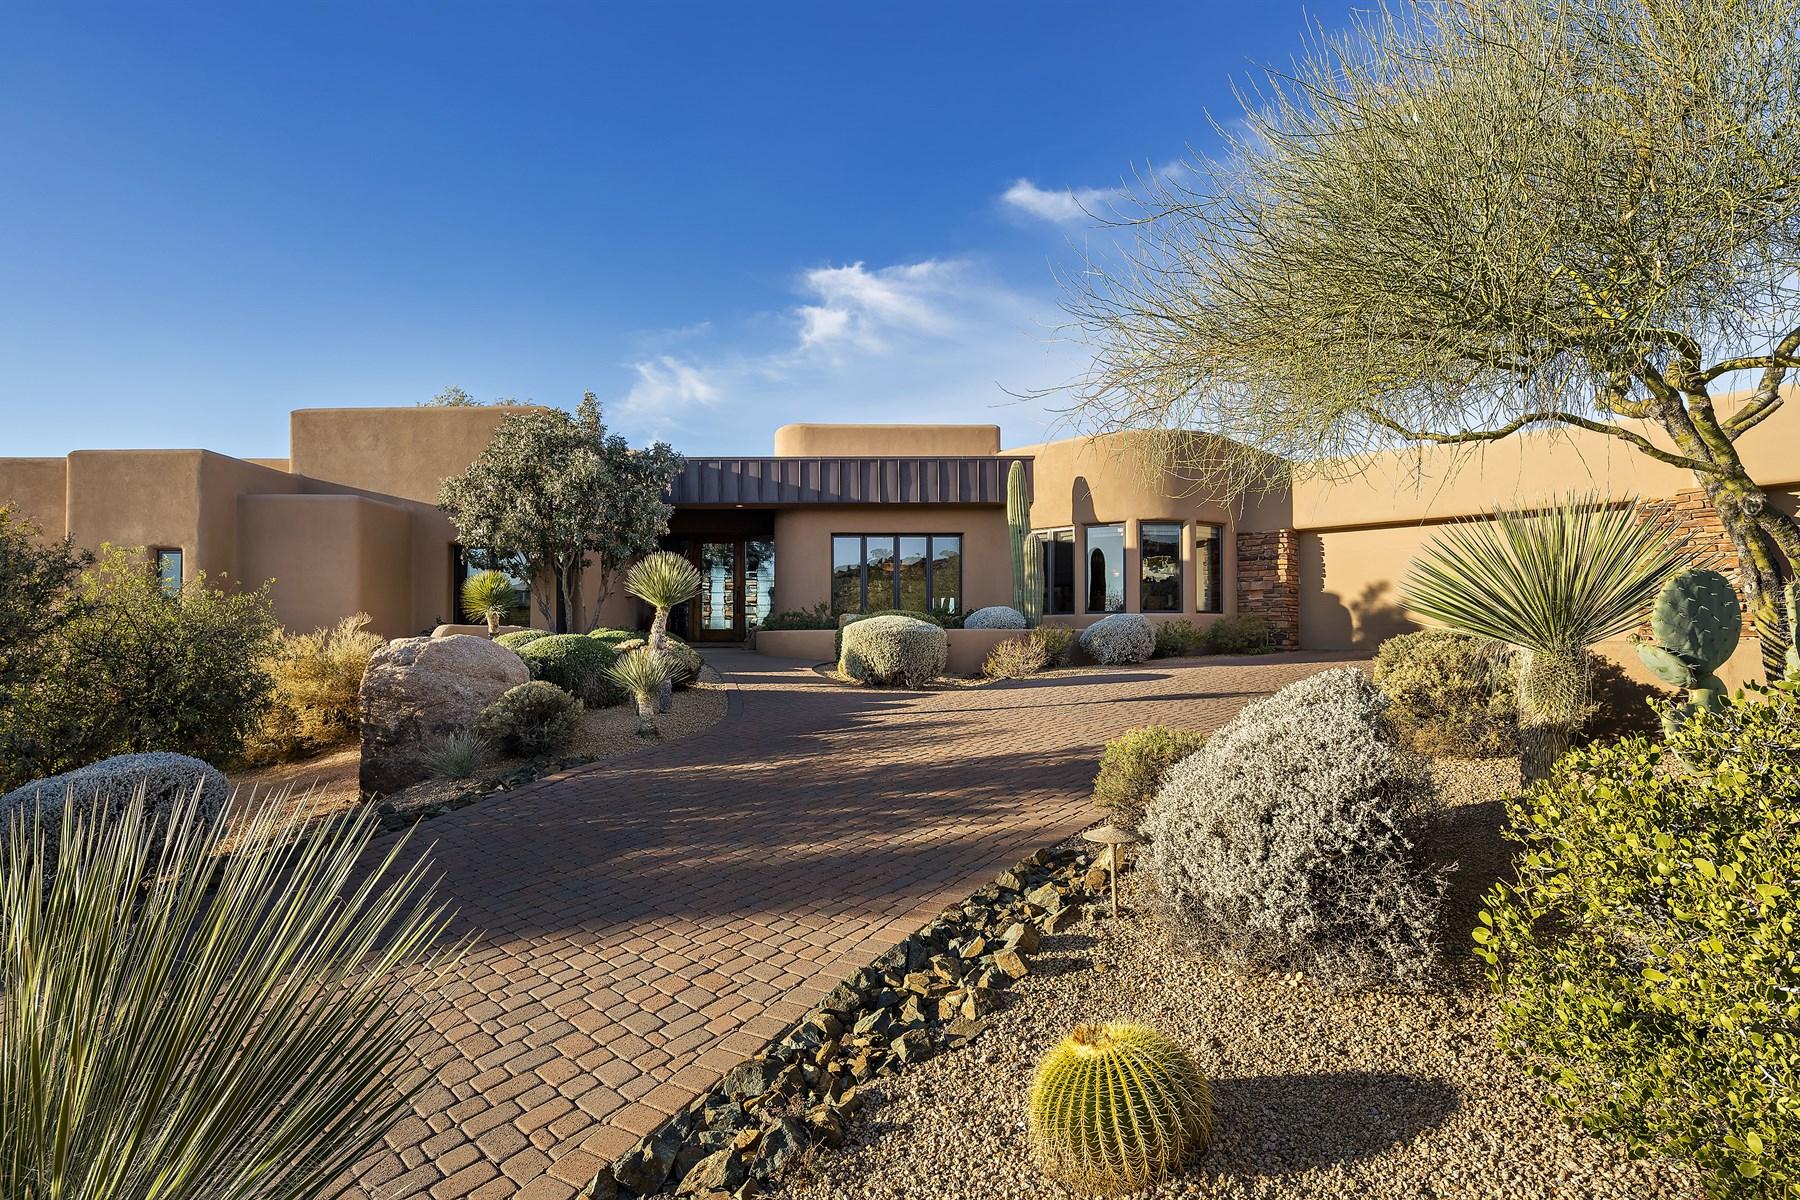 一戸建て のために 売買 アット Premiere Apache Peak location in the heart of the private Desert Mountain Club 41640 N 112th Pl Scottsdale, アリゾナ, 85262 アメリカ合衆国